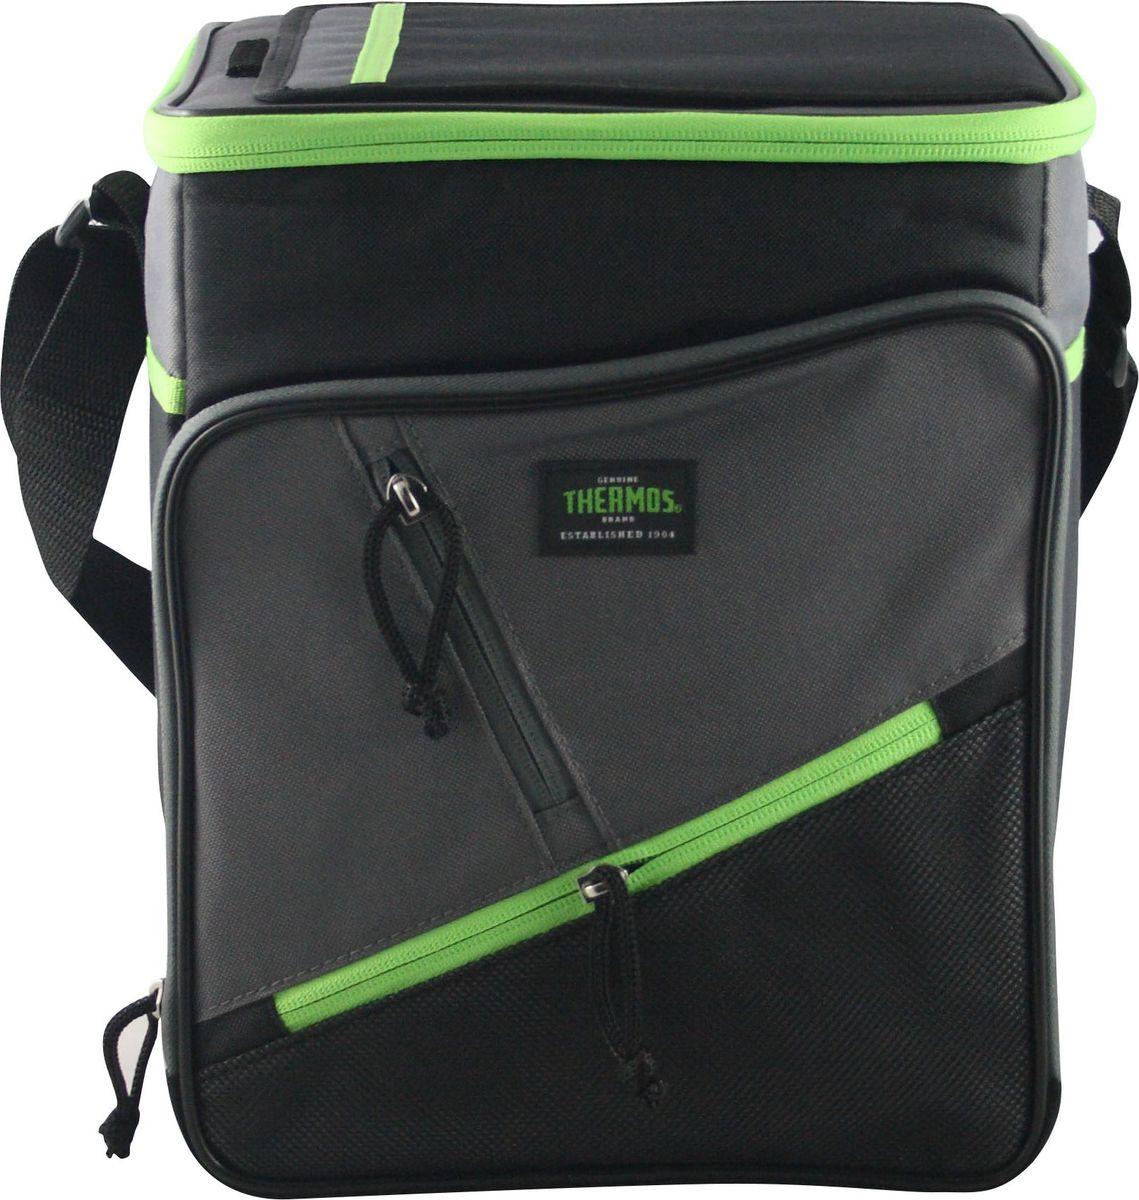 Сумка-термос Thermos Berkley 12 Can Cooler, цвет: зеленый, 9 л67742Термо-сумка отличается легкостью и компактностью. Все сумки складываются и фиксируются в сложенном положении что облегчает хранение. Внутреннее наполнение стенок позволяет сохранять продукты замороженными, свежими или теплыми длительное время. Внутренняя поверхность обладает 100% герметичностью. При перевозке жидкостей это позволяет избежать протеканий.